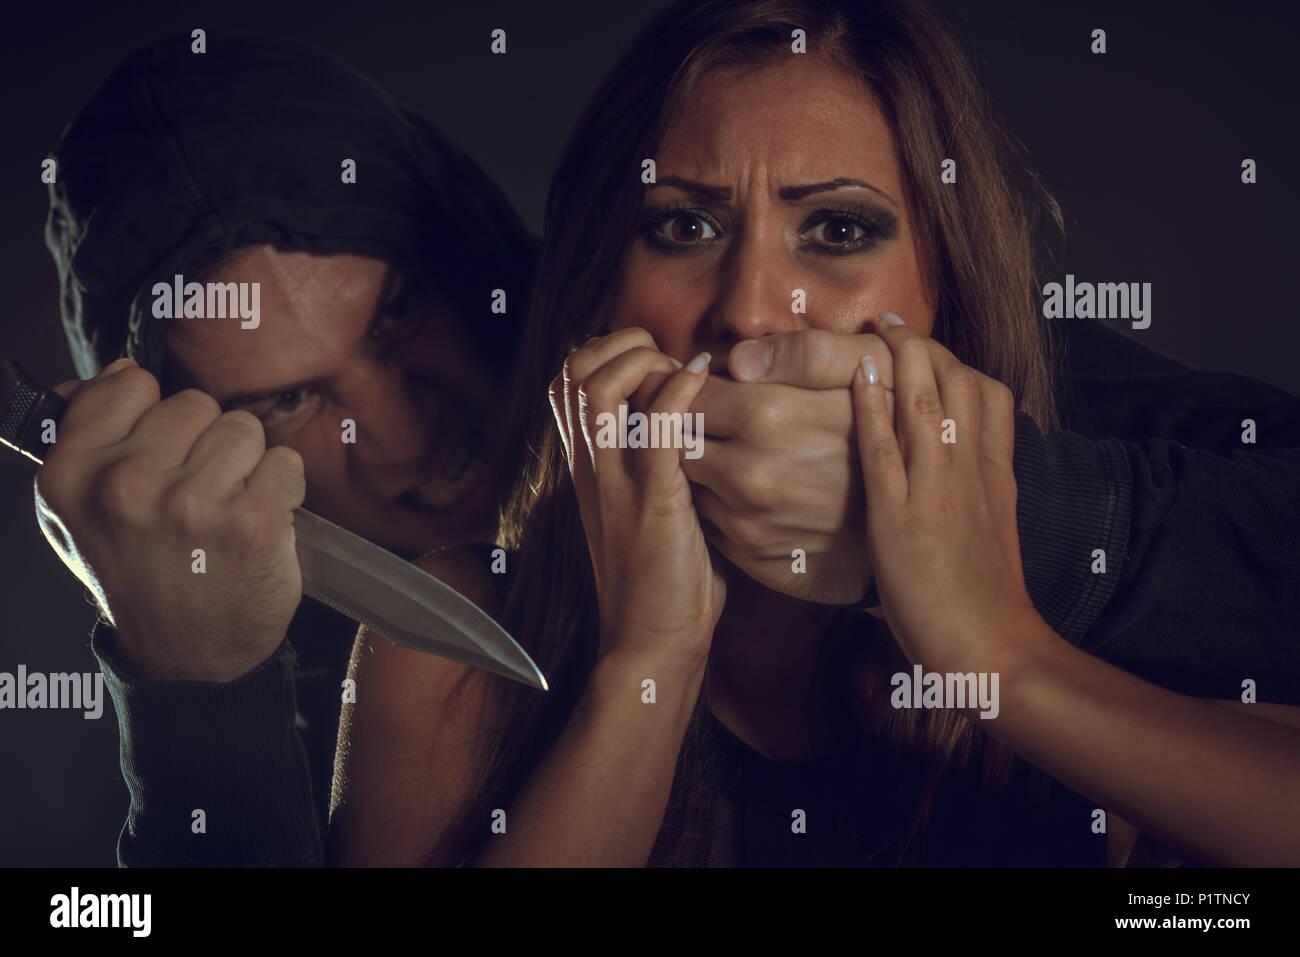 Giovane donna è abusato della vittima di violenza uomo che minaccia con un coltello e mette le mani sulla sua bocca non urlare. Immagini Stock